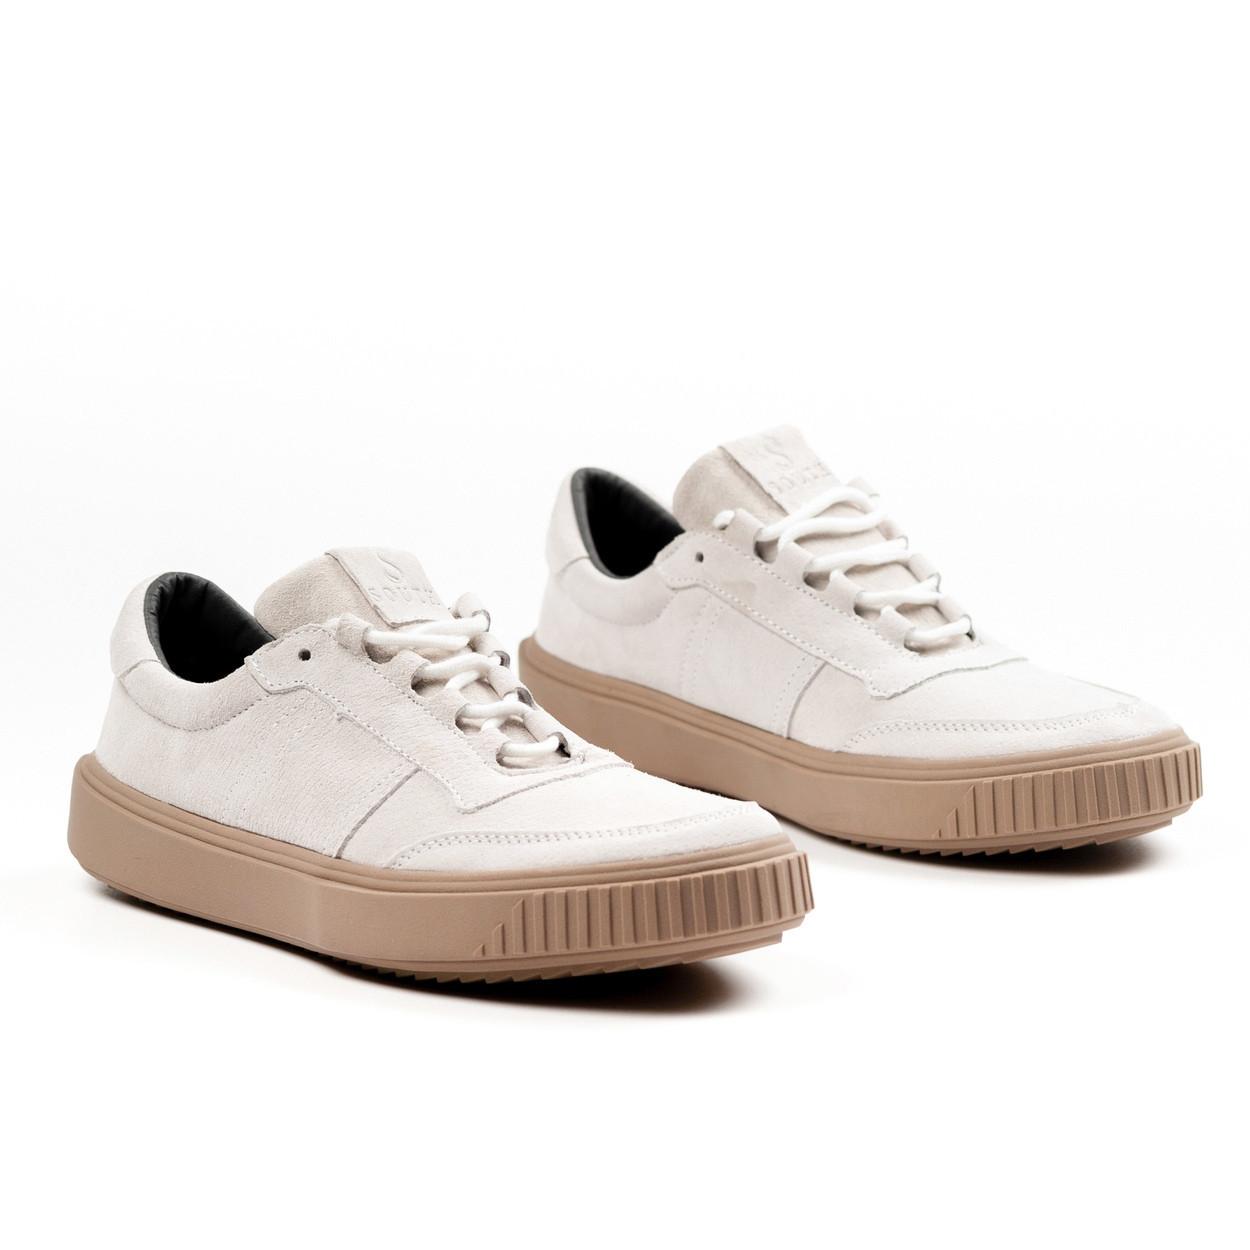 Кроссовки мужские South Loft white белые. Стилтные мужские кроссовки белого цвета.